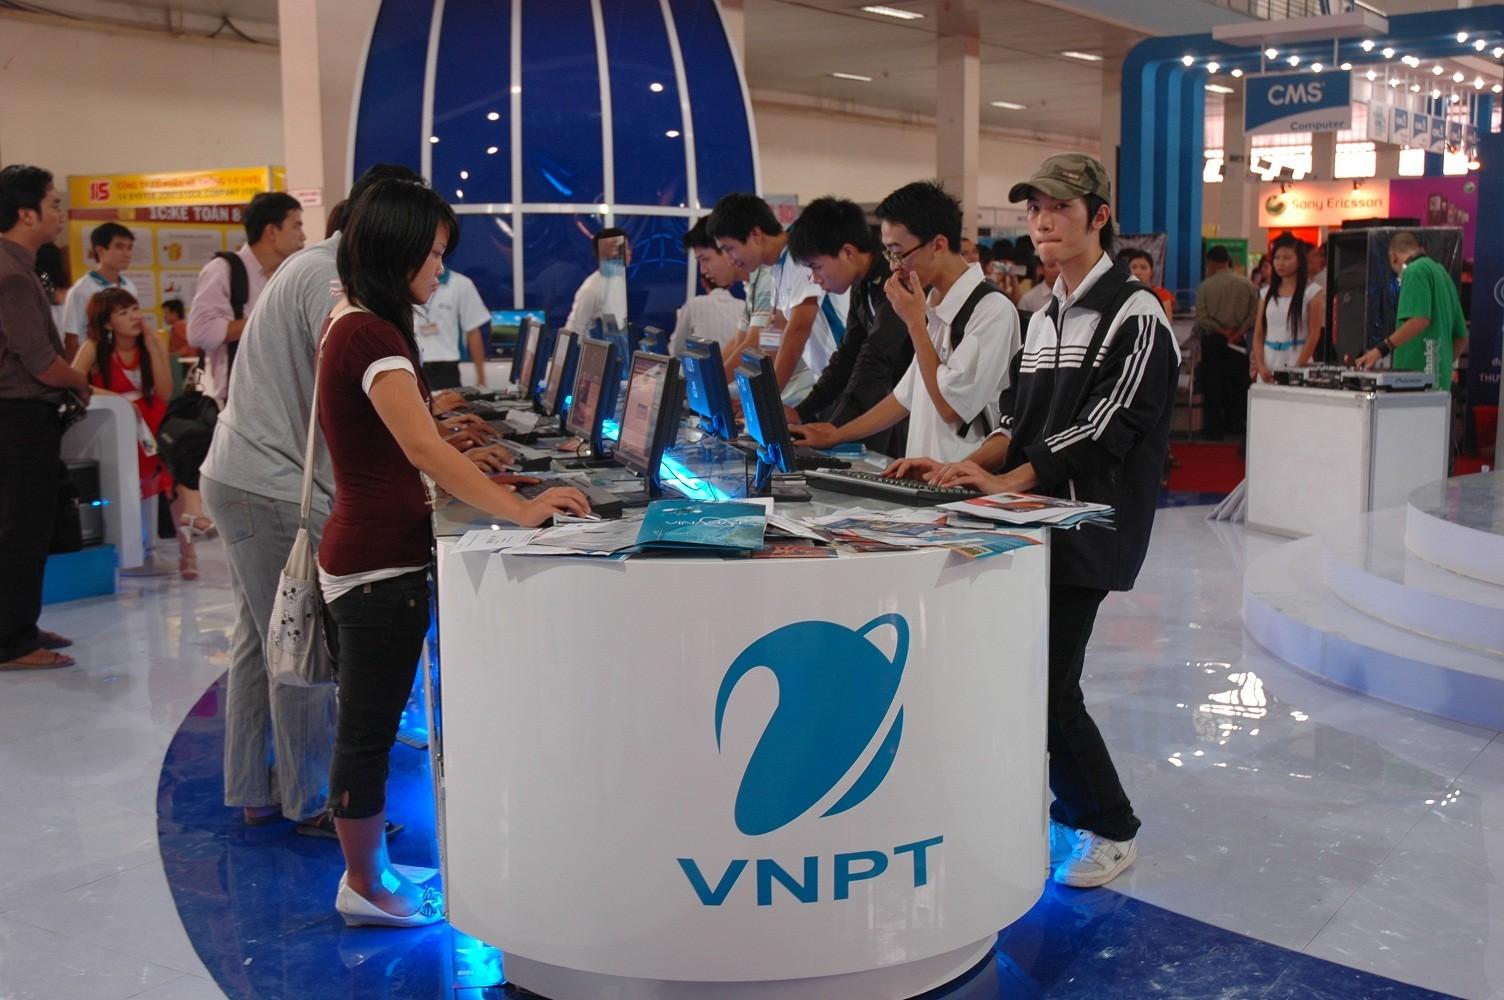 MegaVNN - VNPT TP.HCM khuyến mại hấp dẫn dành cho dịch vụ MegaVNN